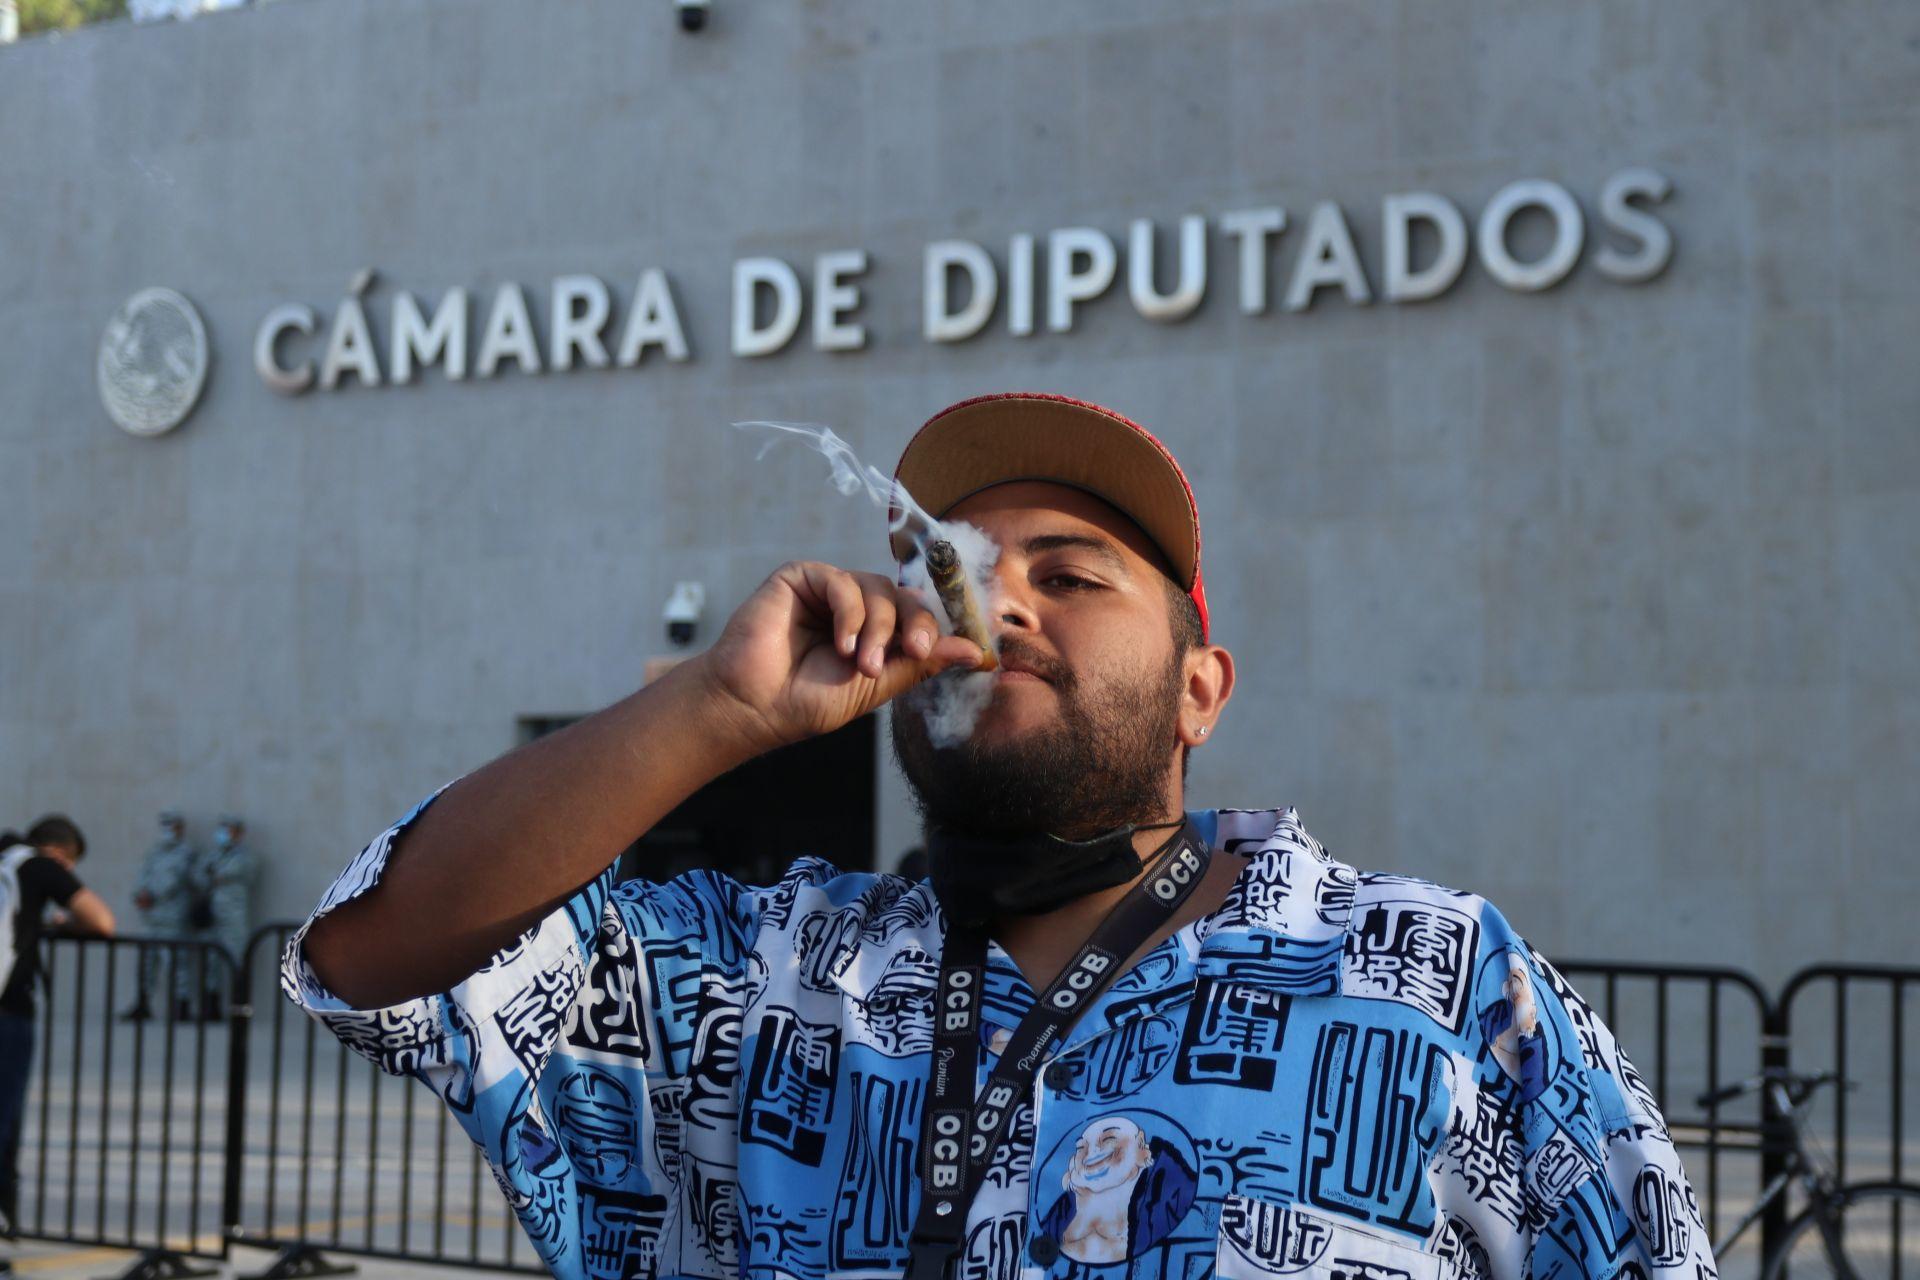 México: Cámara de Diputados aprueba ley para el uso recreativo de la marihuana